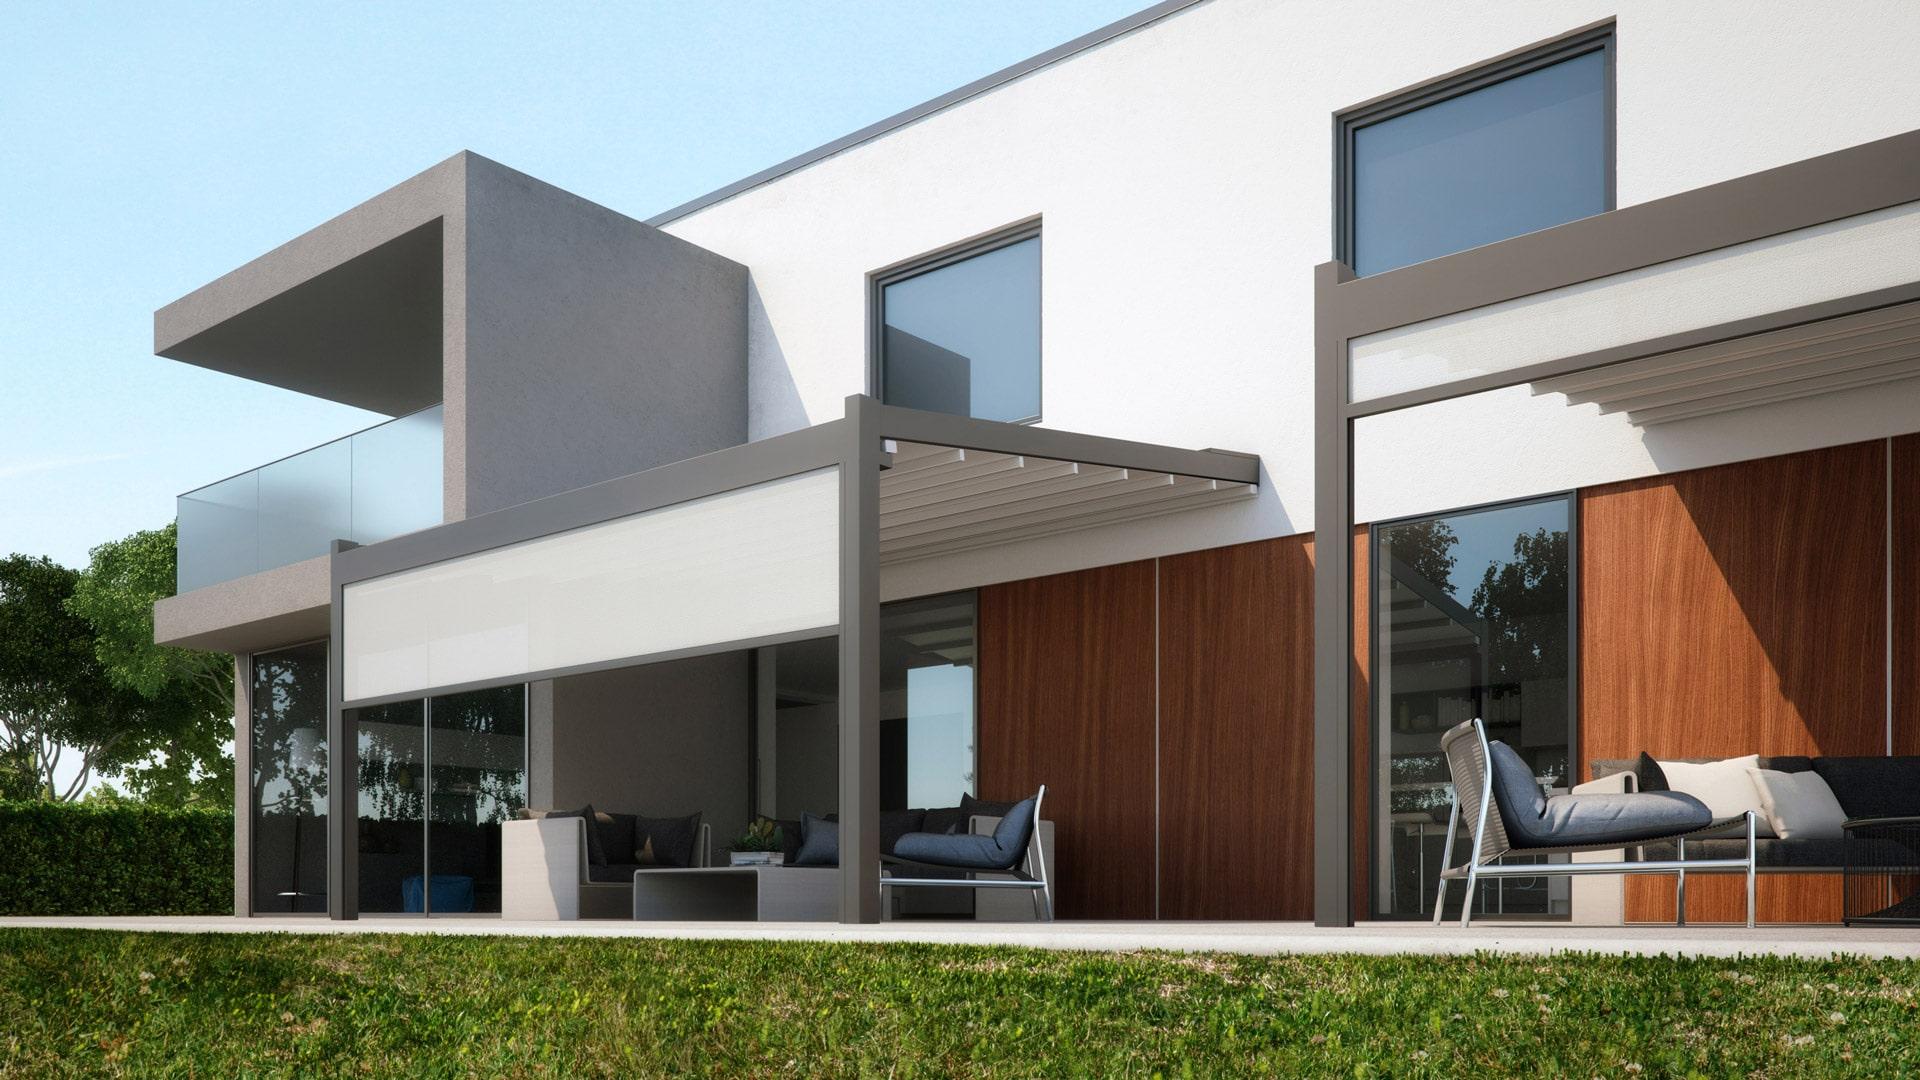 Meta 01 b | Schiebemarkisen auf Terrasse, modernes Haus, Alu grau, Tuch und Z-Markise weiß | Svoboda